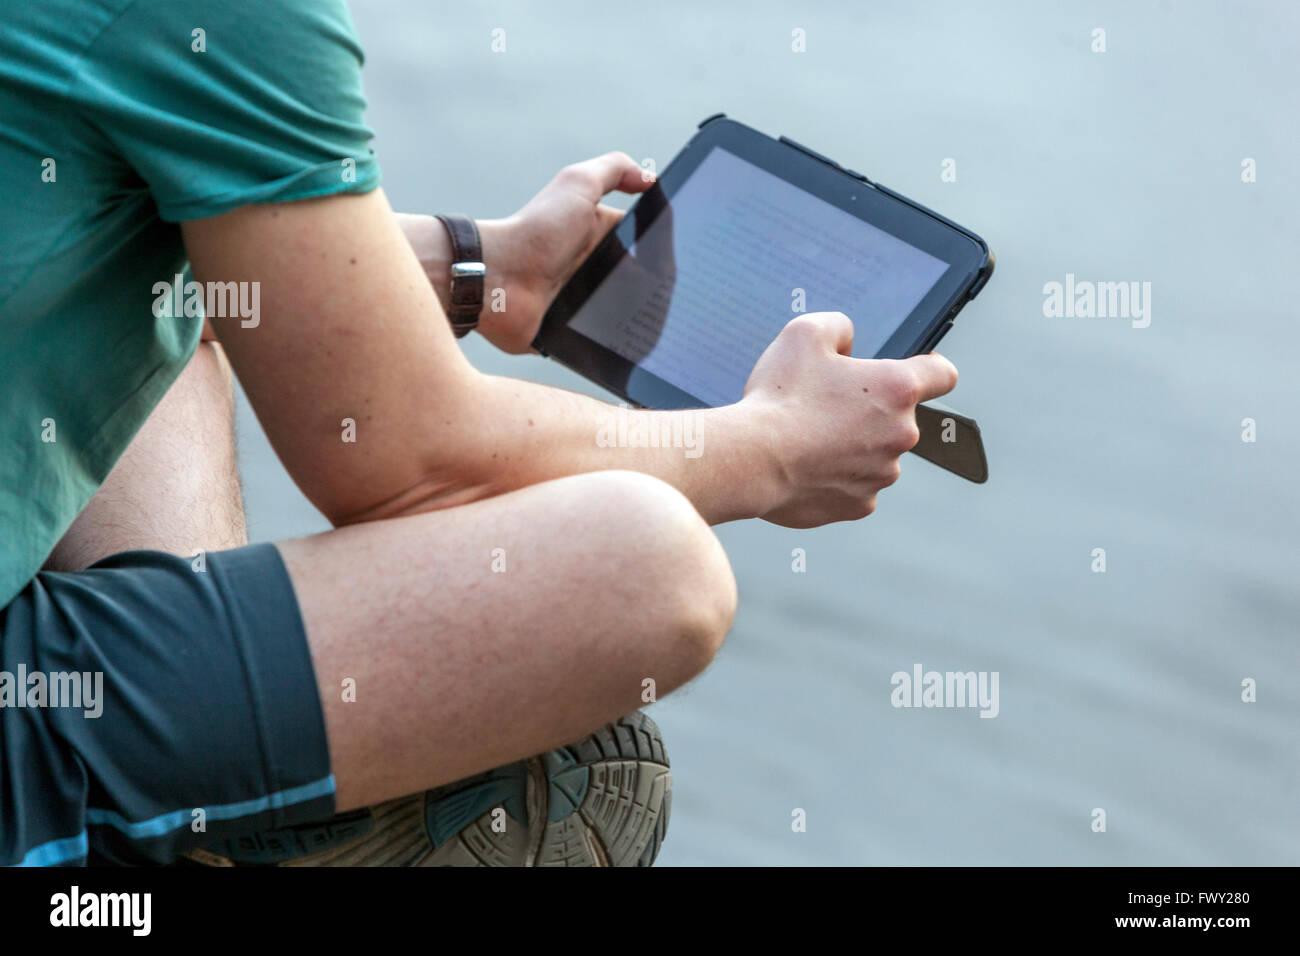 Hombre mirando tableta digital Imagen De Stock